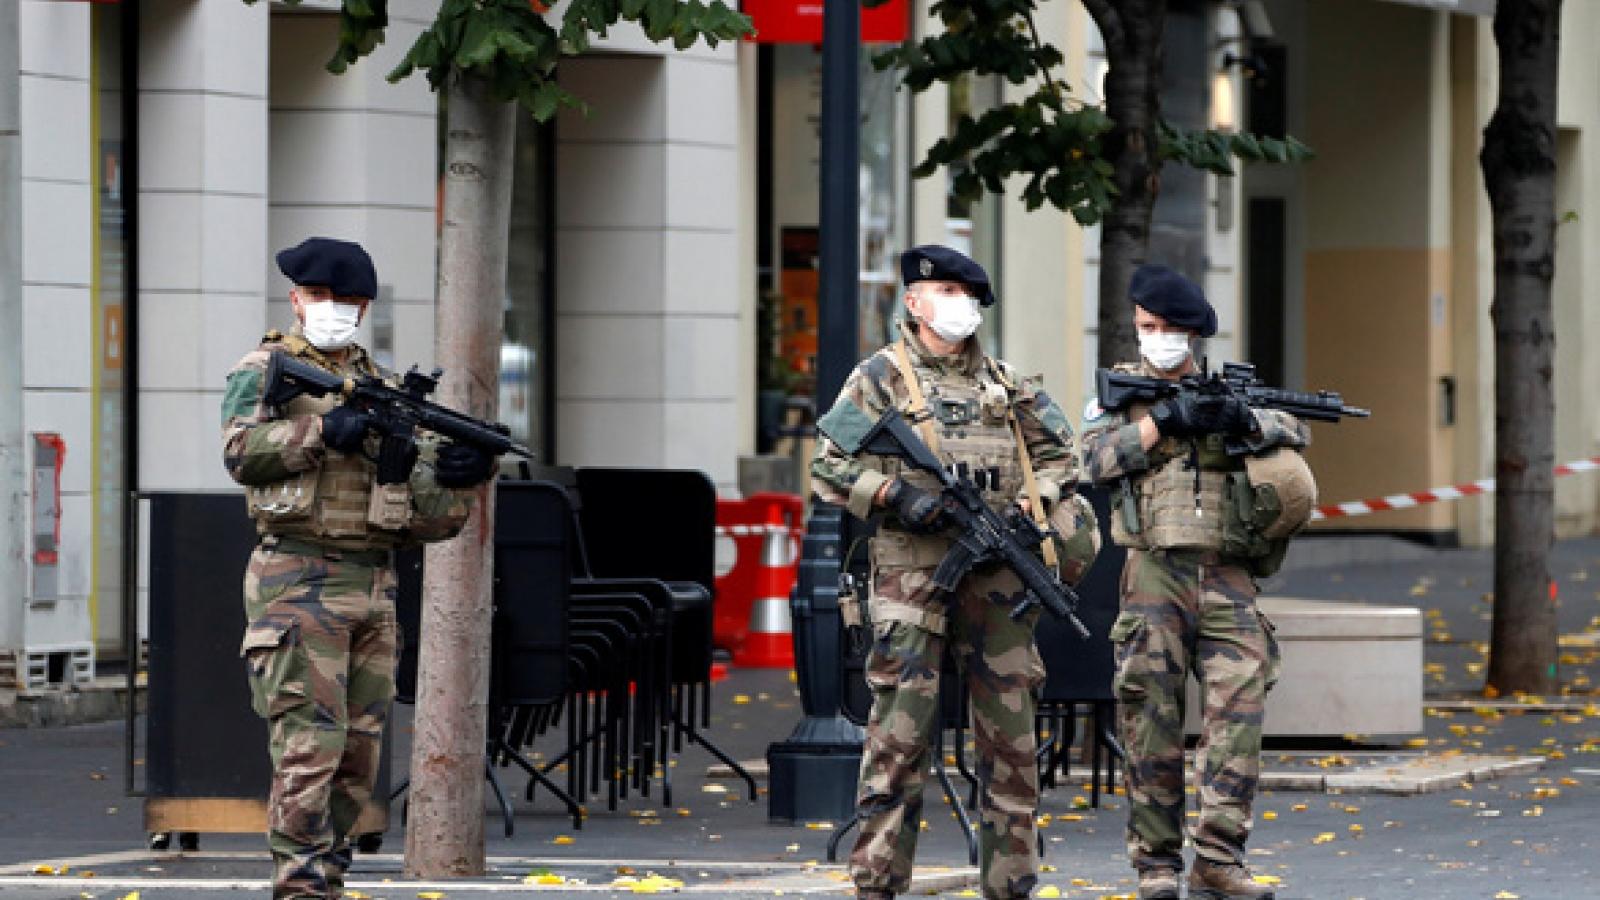 5 năm sau vụ tấn công ở Paris, nước Pháp tiếp tục tuyên chiến với khủng bố